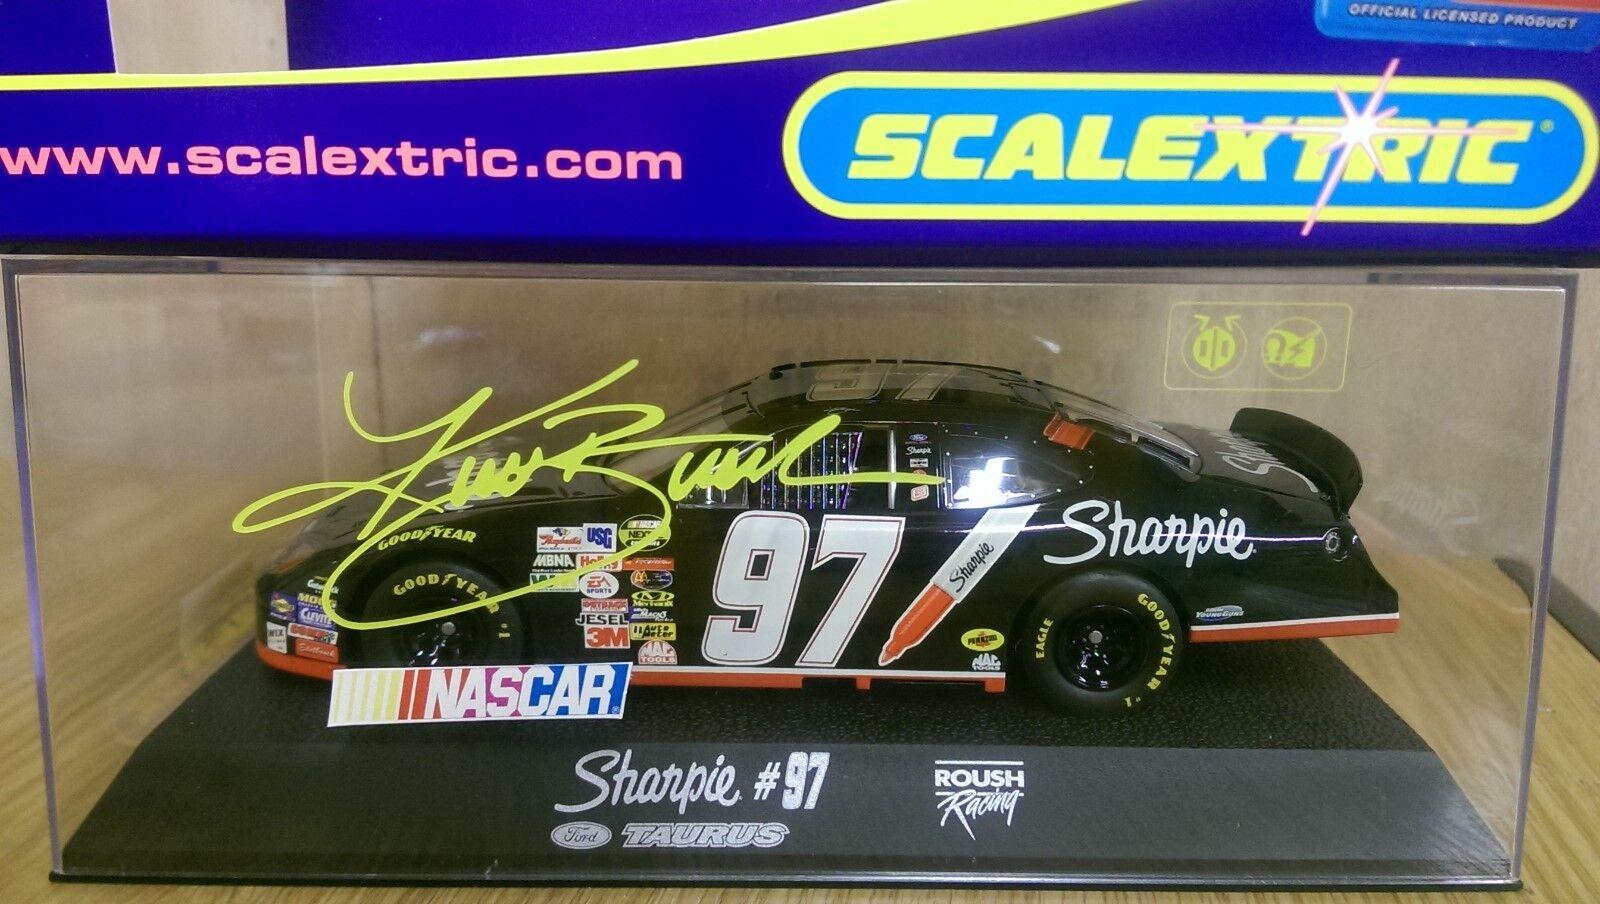 Cadeau spécial à vous spécial Scalextric C2595 C2595 C2595 Roush Racing Ford Taurus Kurt Busch Nº 97 53afe0